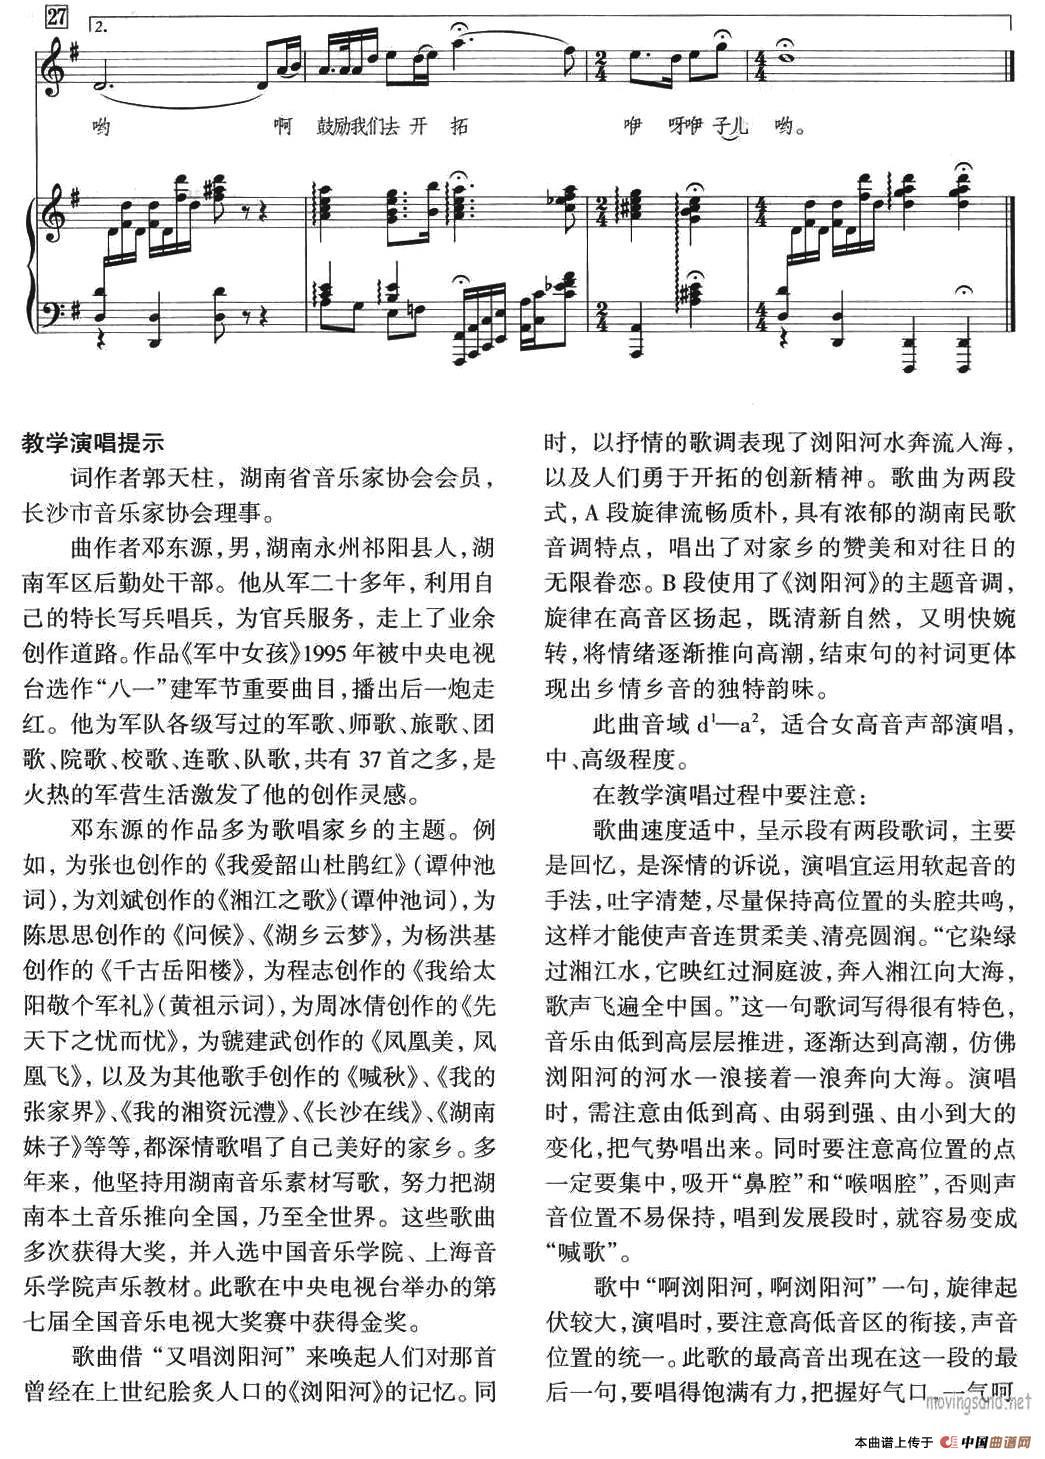 曲谱 又唱 浏阳河 正谱 -又唱 浏阳河 正谱